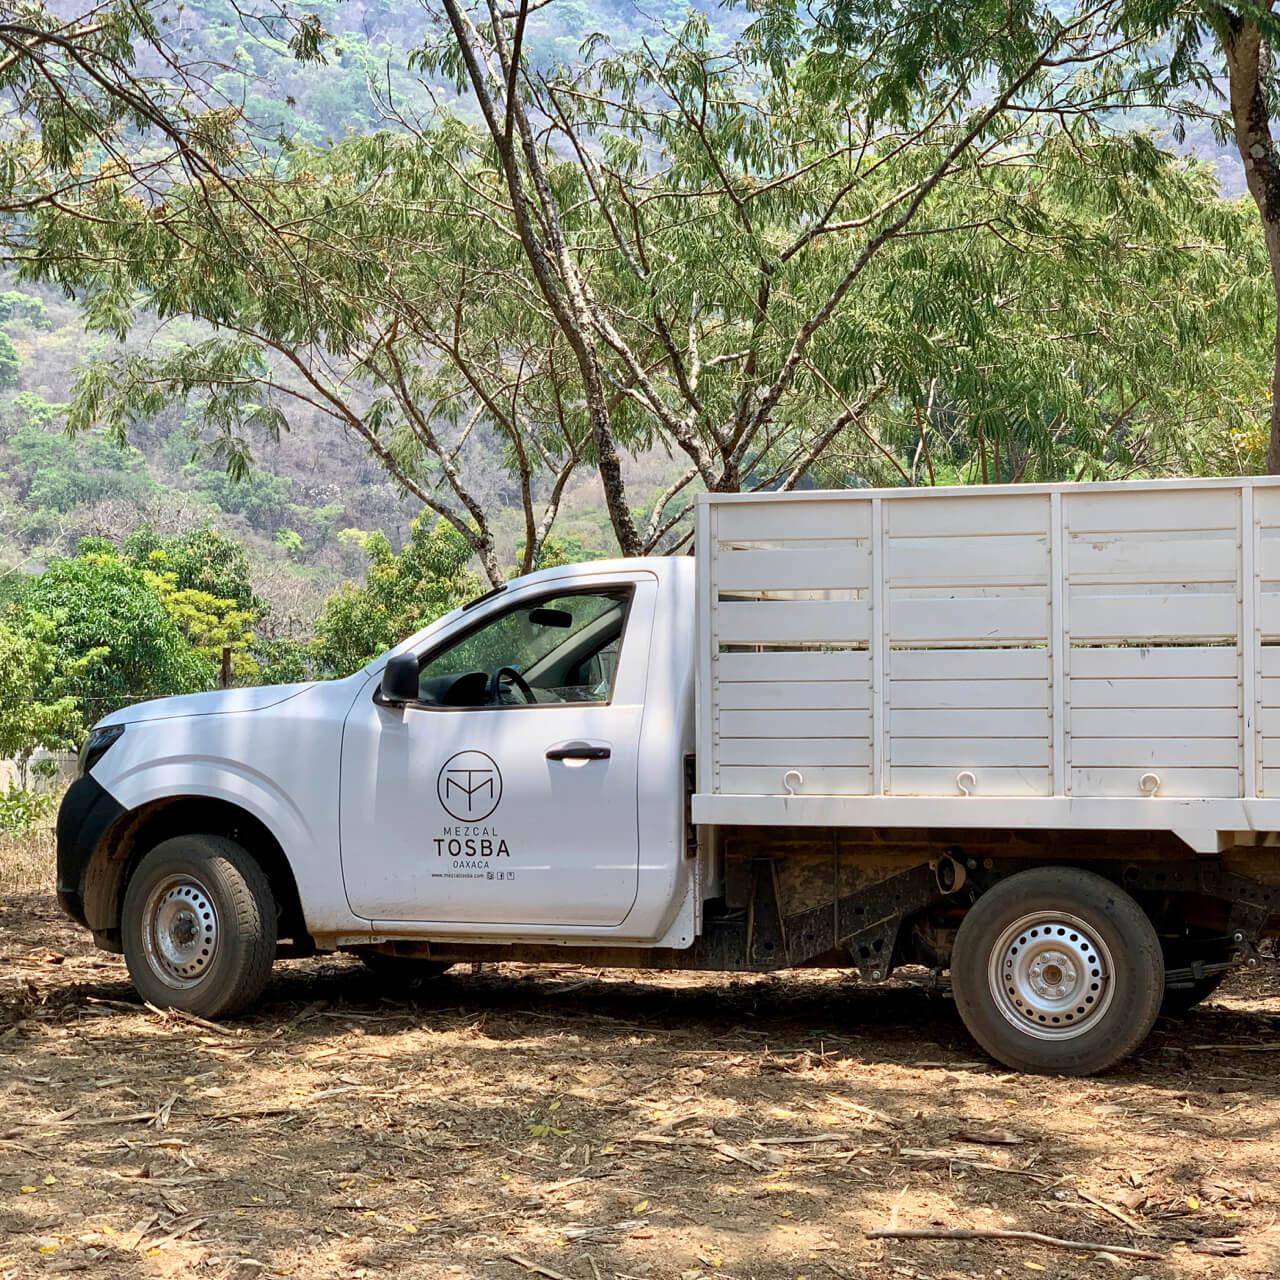 Mezcal Tosba truck